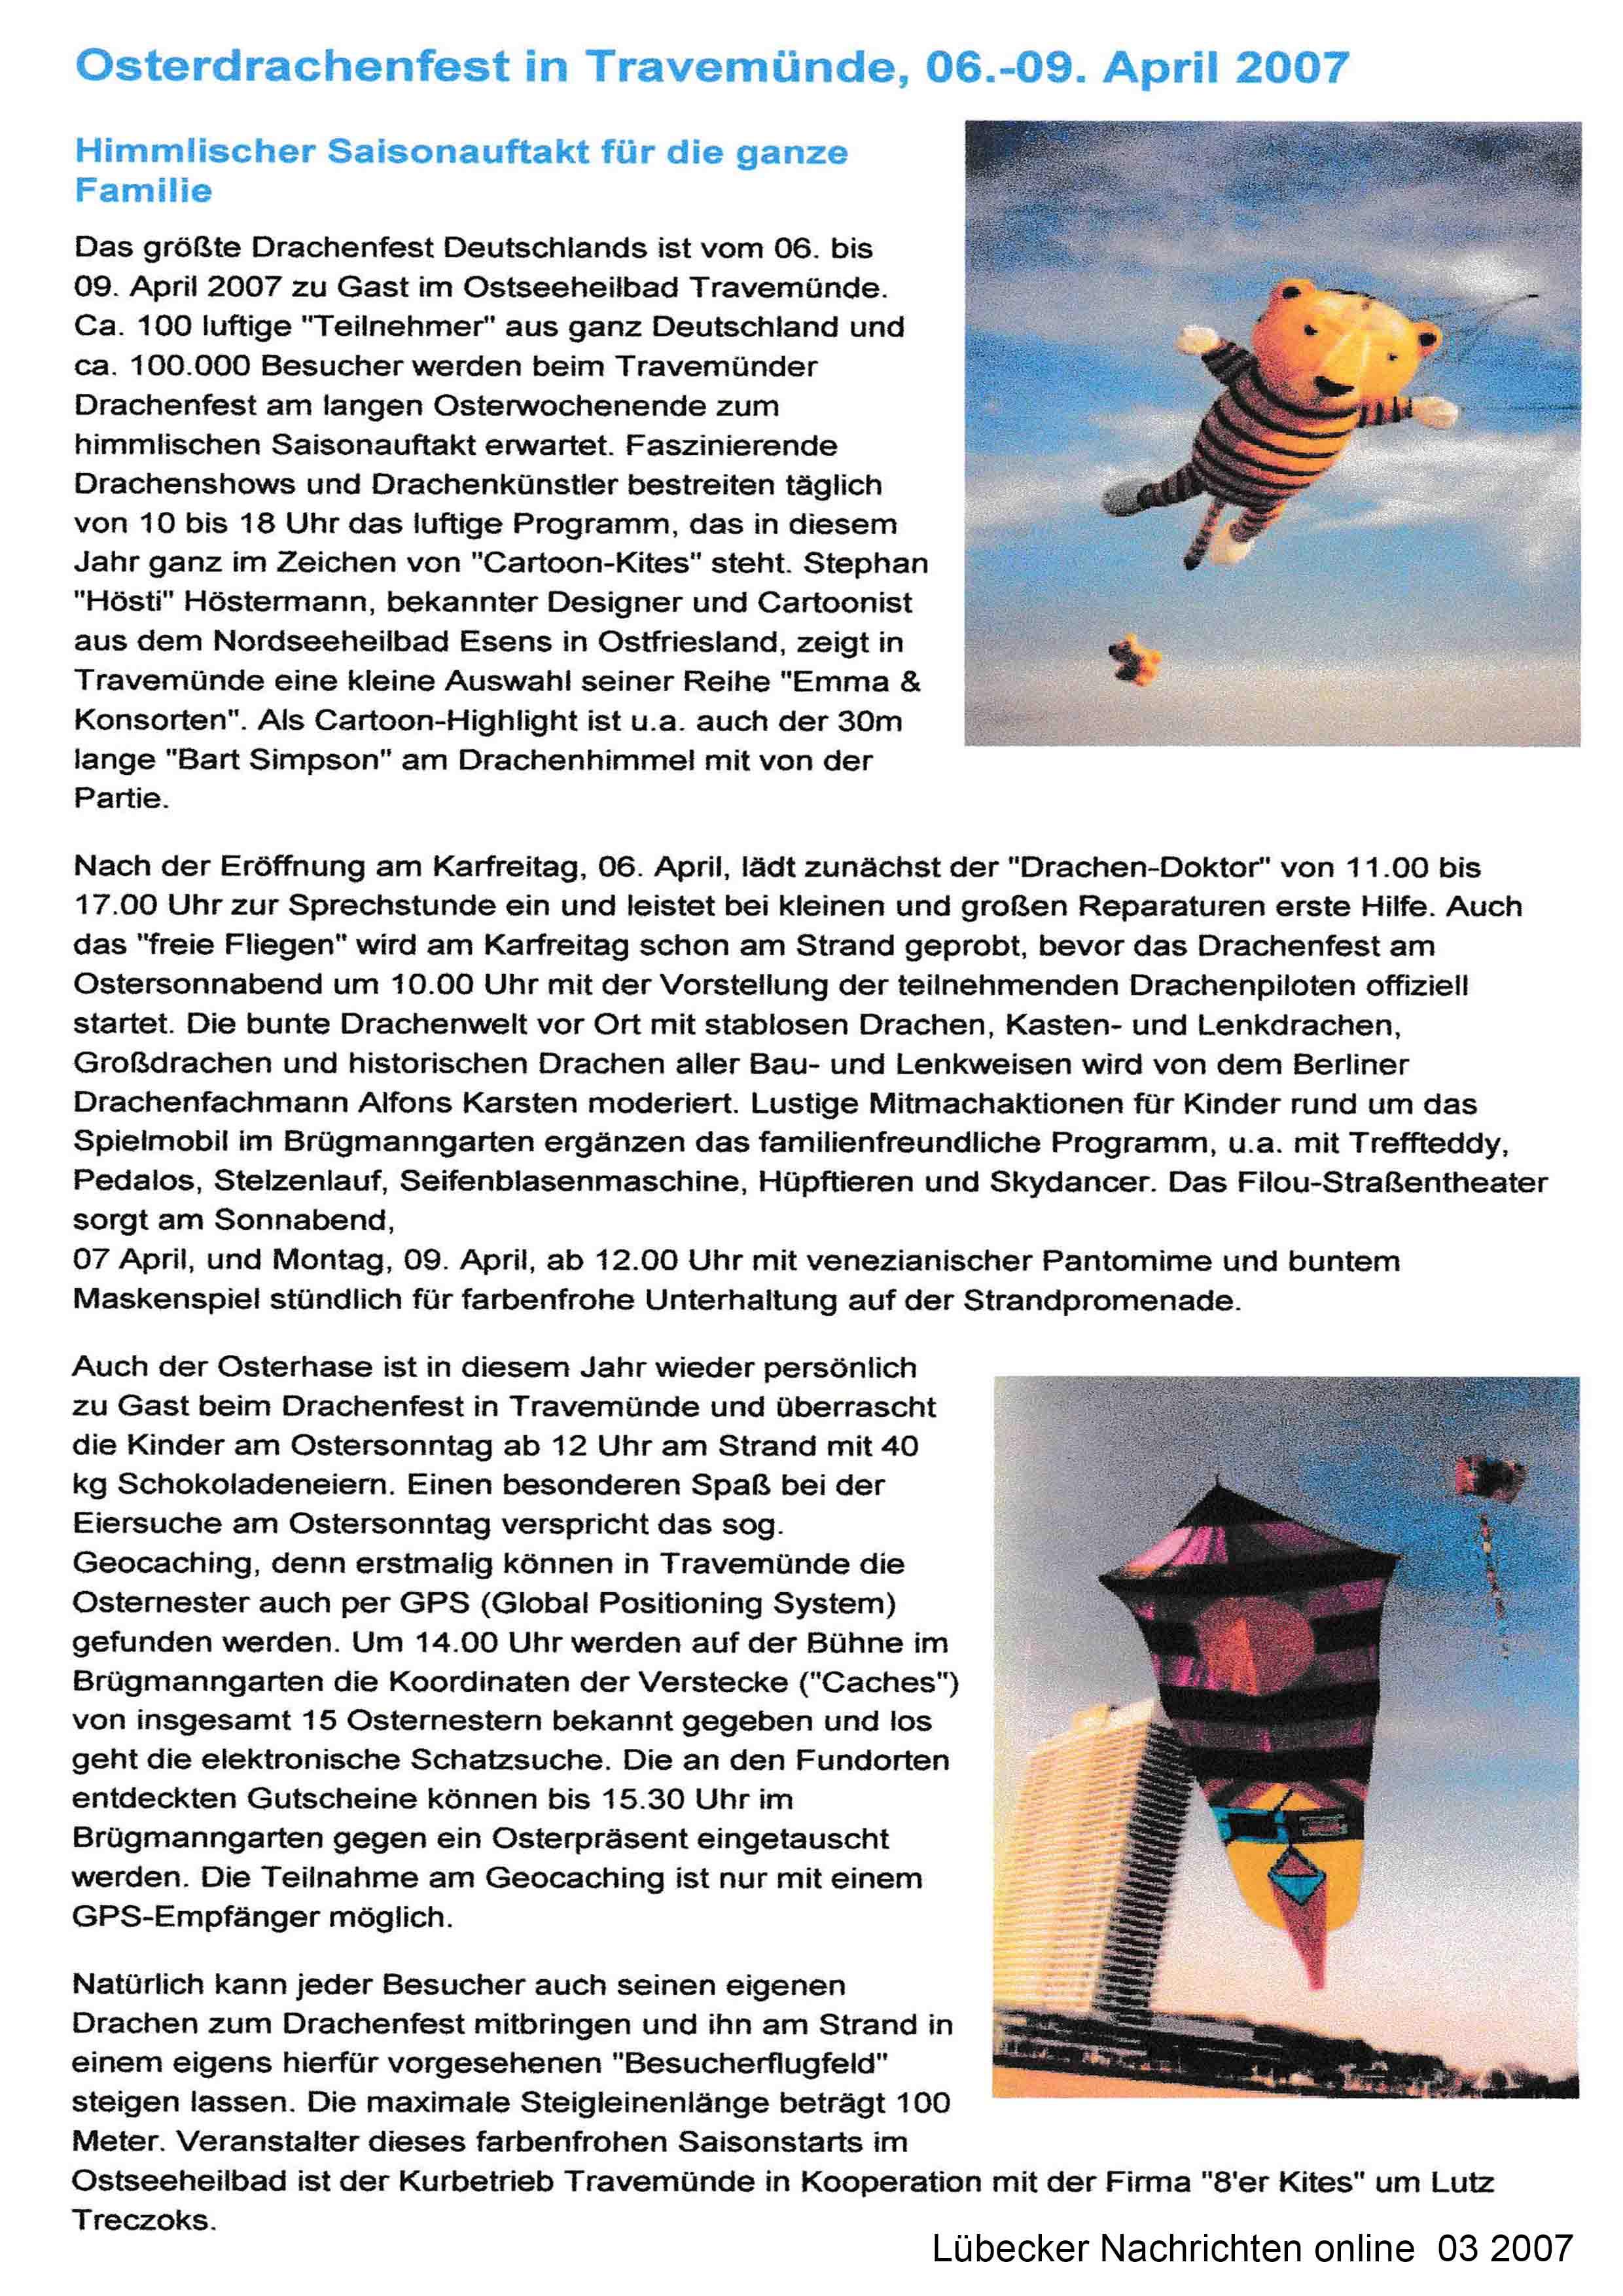 Lübecker Nachrichten online 03 2007